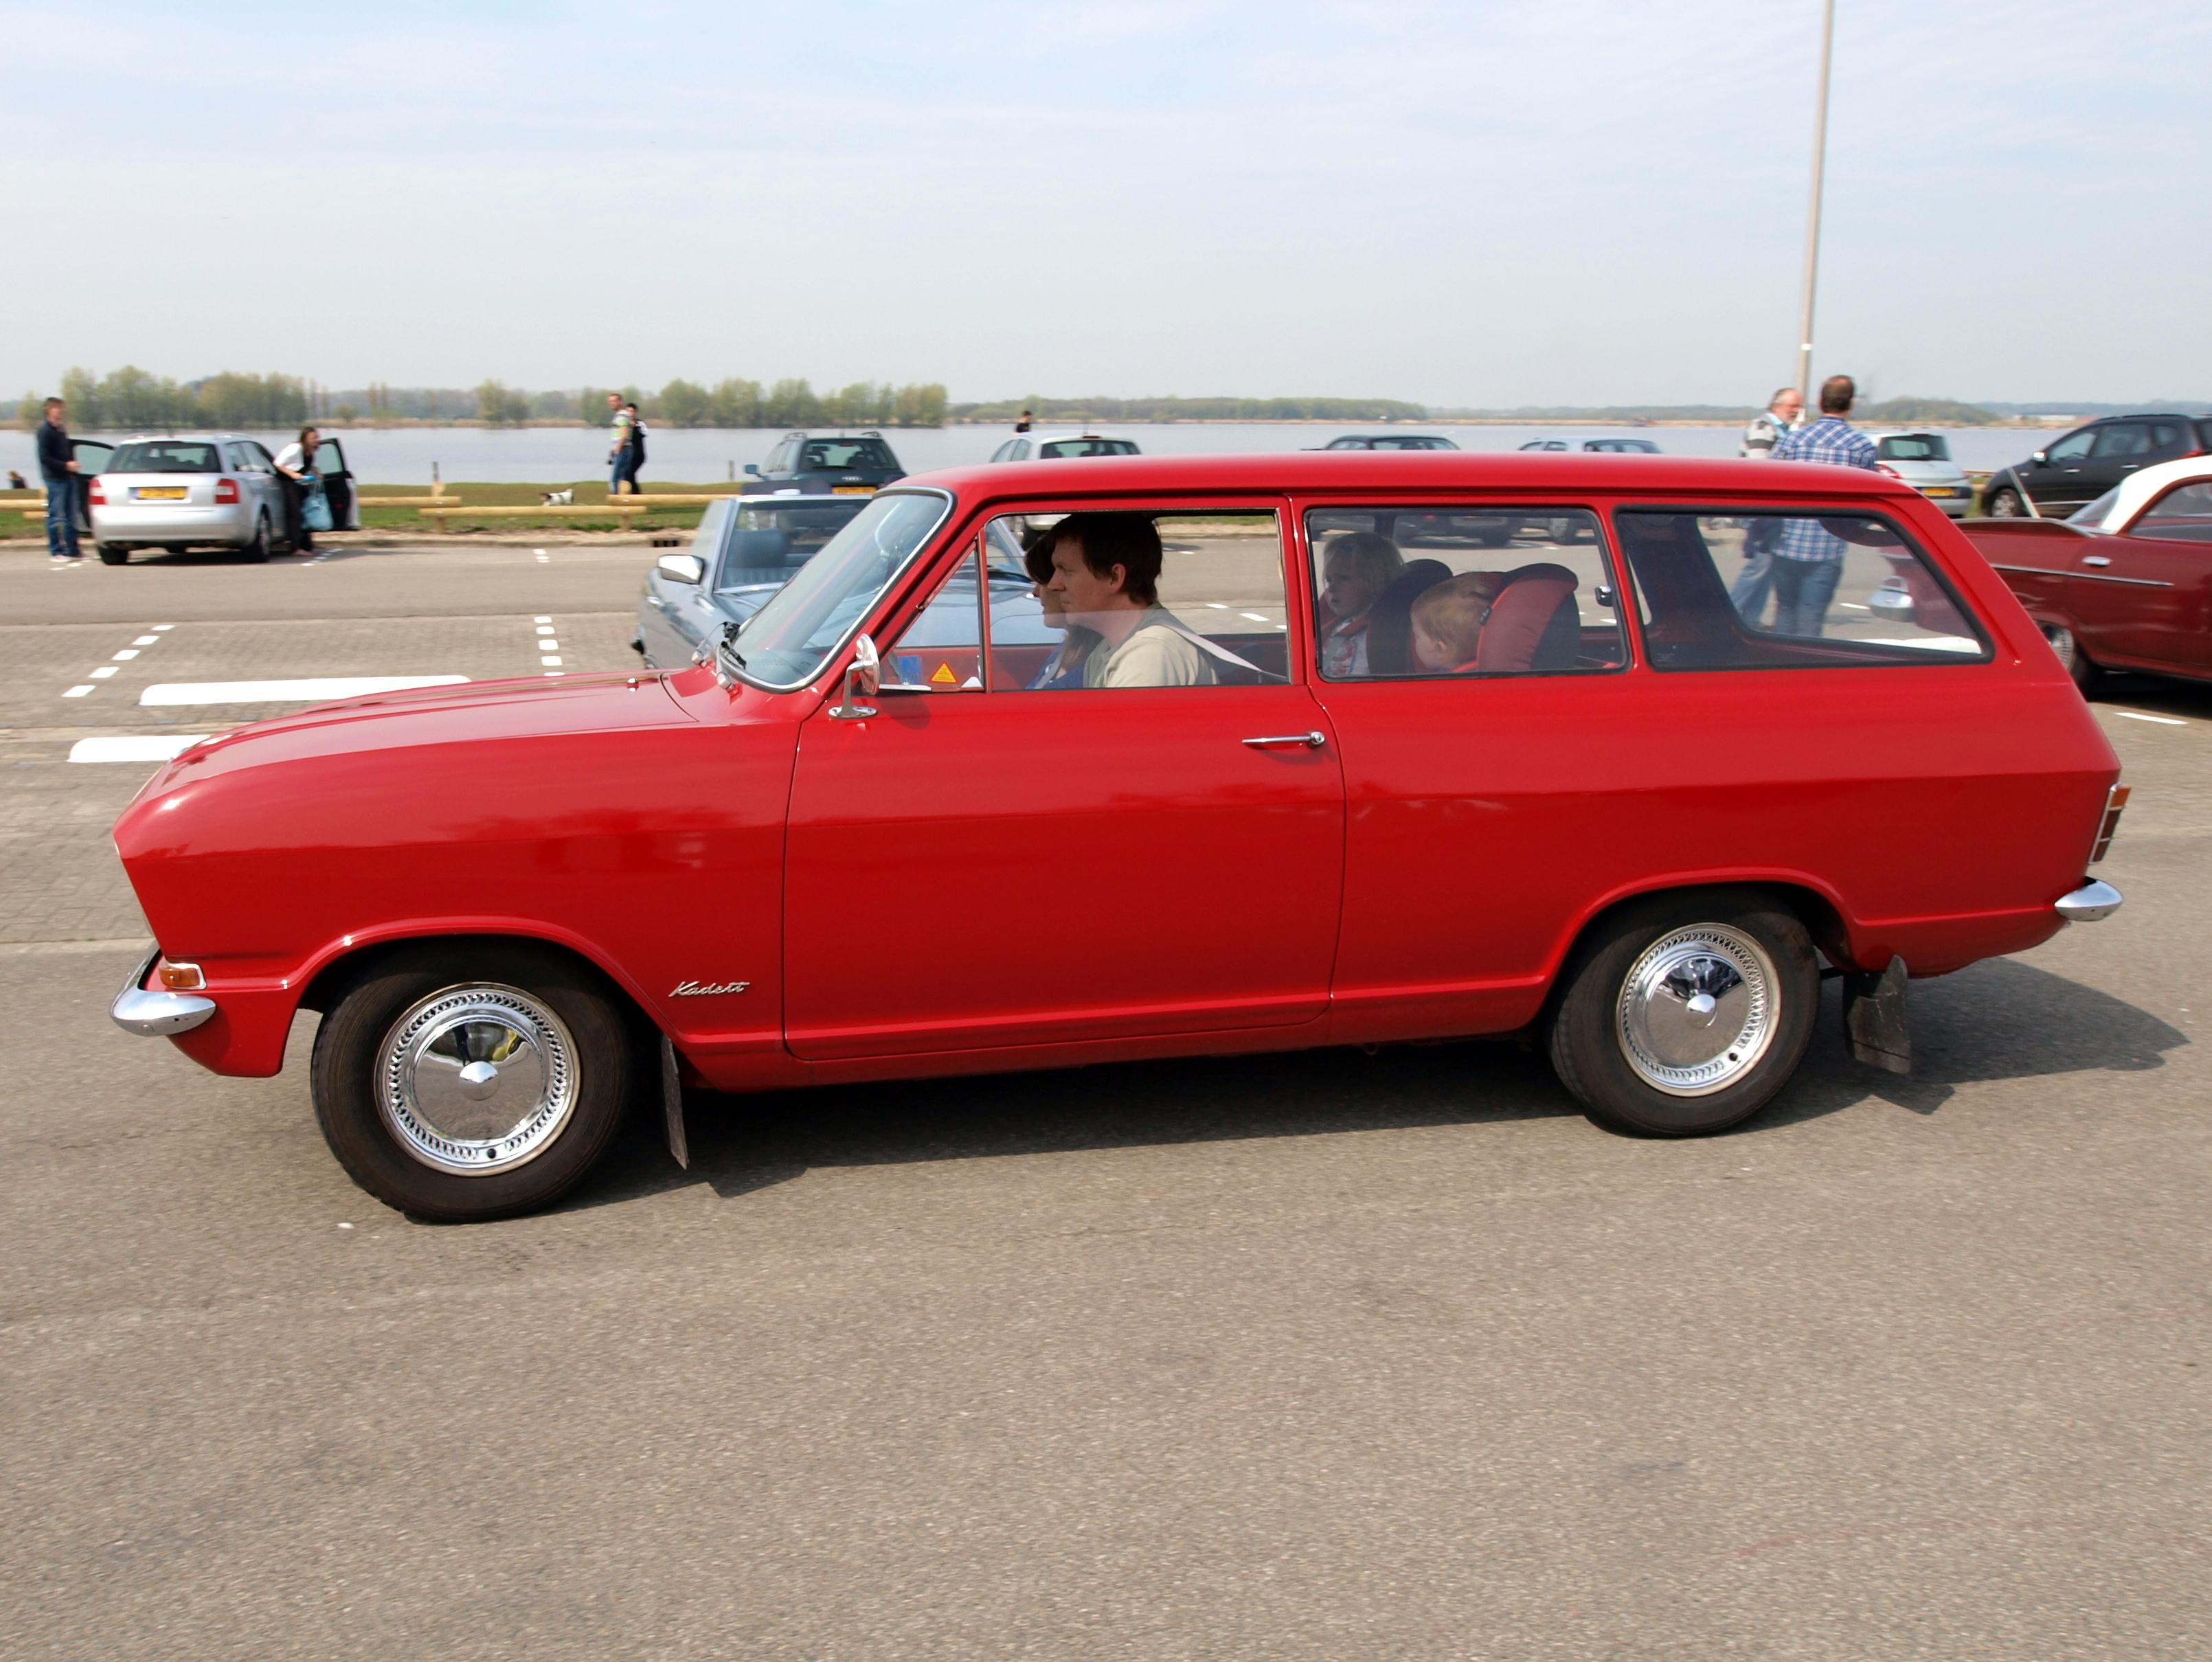 File Opel Kadett Caravan 1967 Dutch Licence Registration Al 26 80 Pic4 Jpg Wikimedia Commons